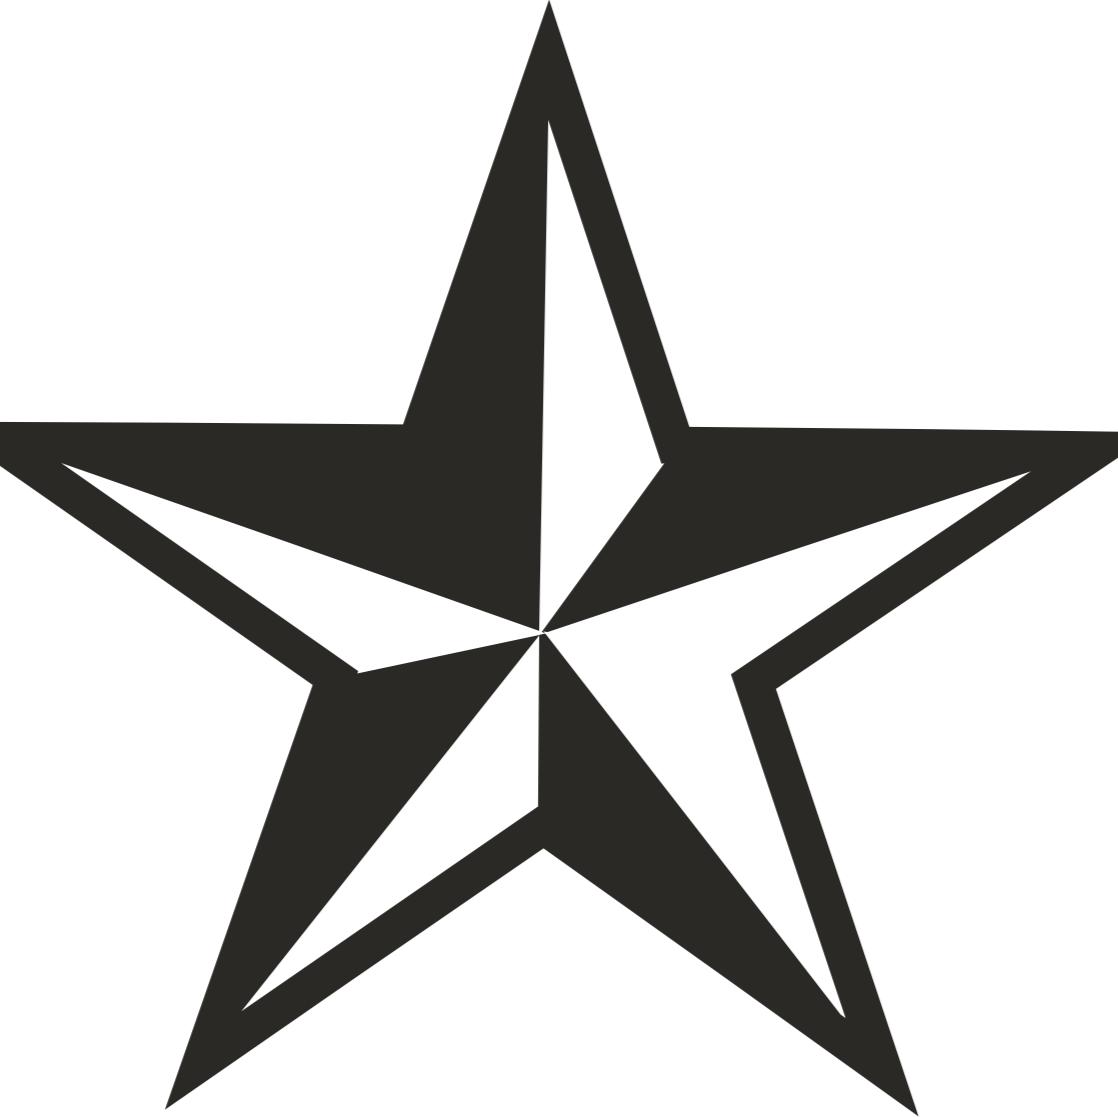 1118x1117 Texas Flag Star Clipart Image